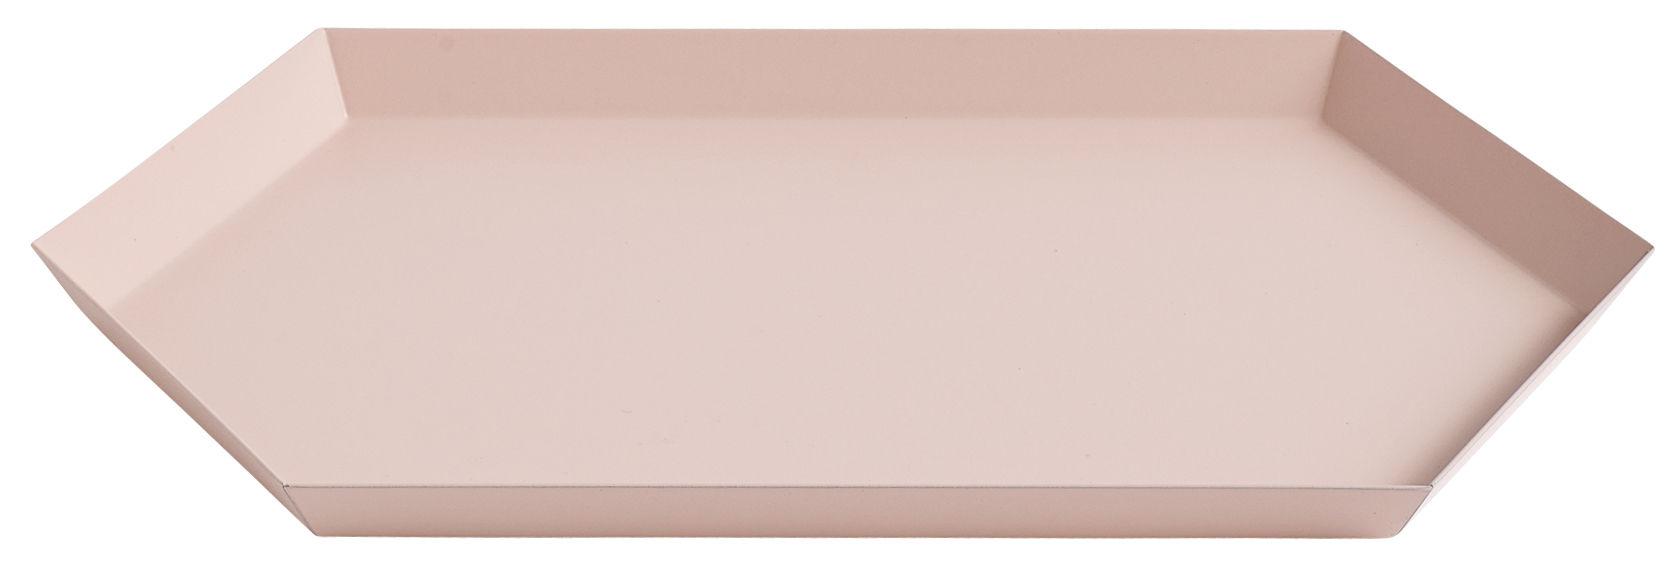 Tableware - Trays - Kaleido Medium Tray - 33,5 x 19,5 cm by Hay - Peach - Painted steel